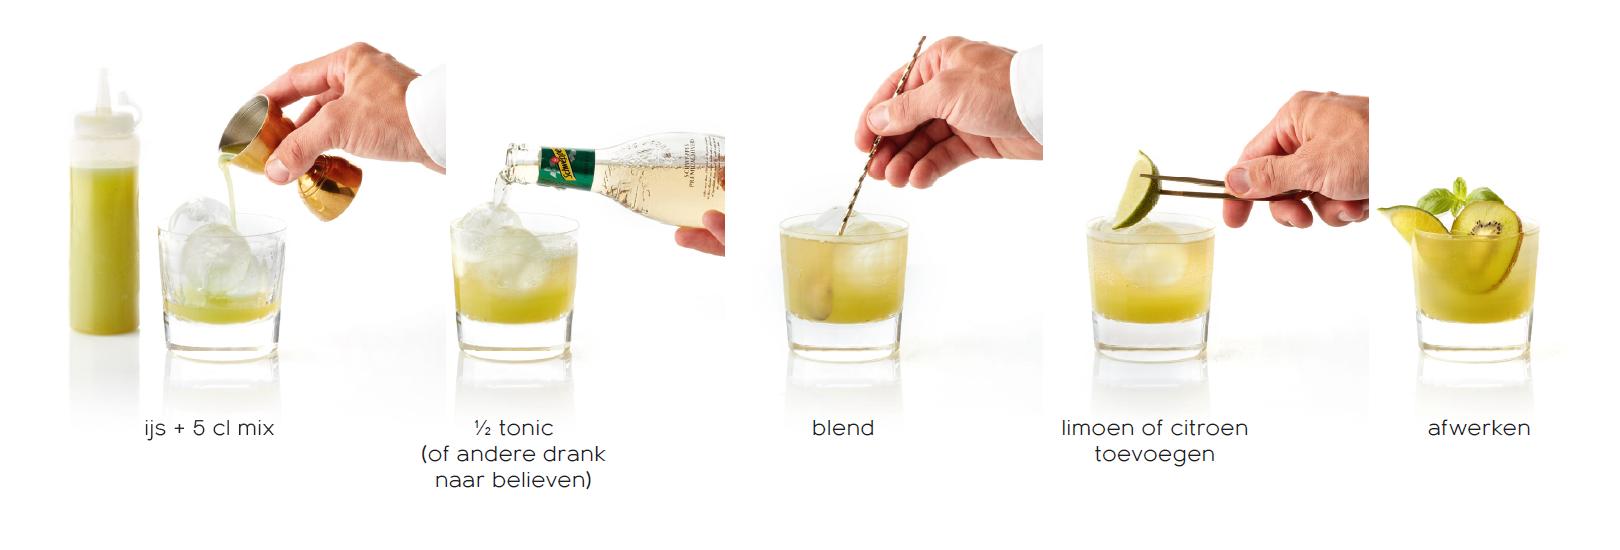 92 Plus - Mocktails voor de professional - De groene mix bereiden - mocktail met pit